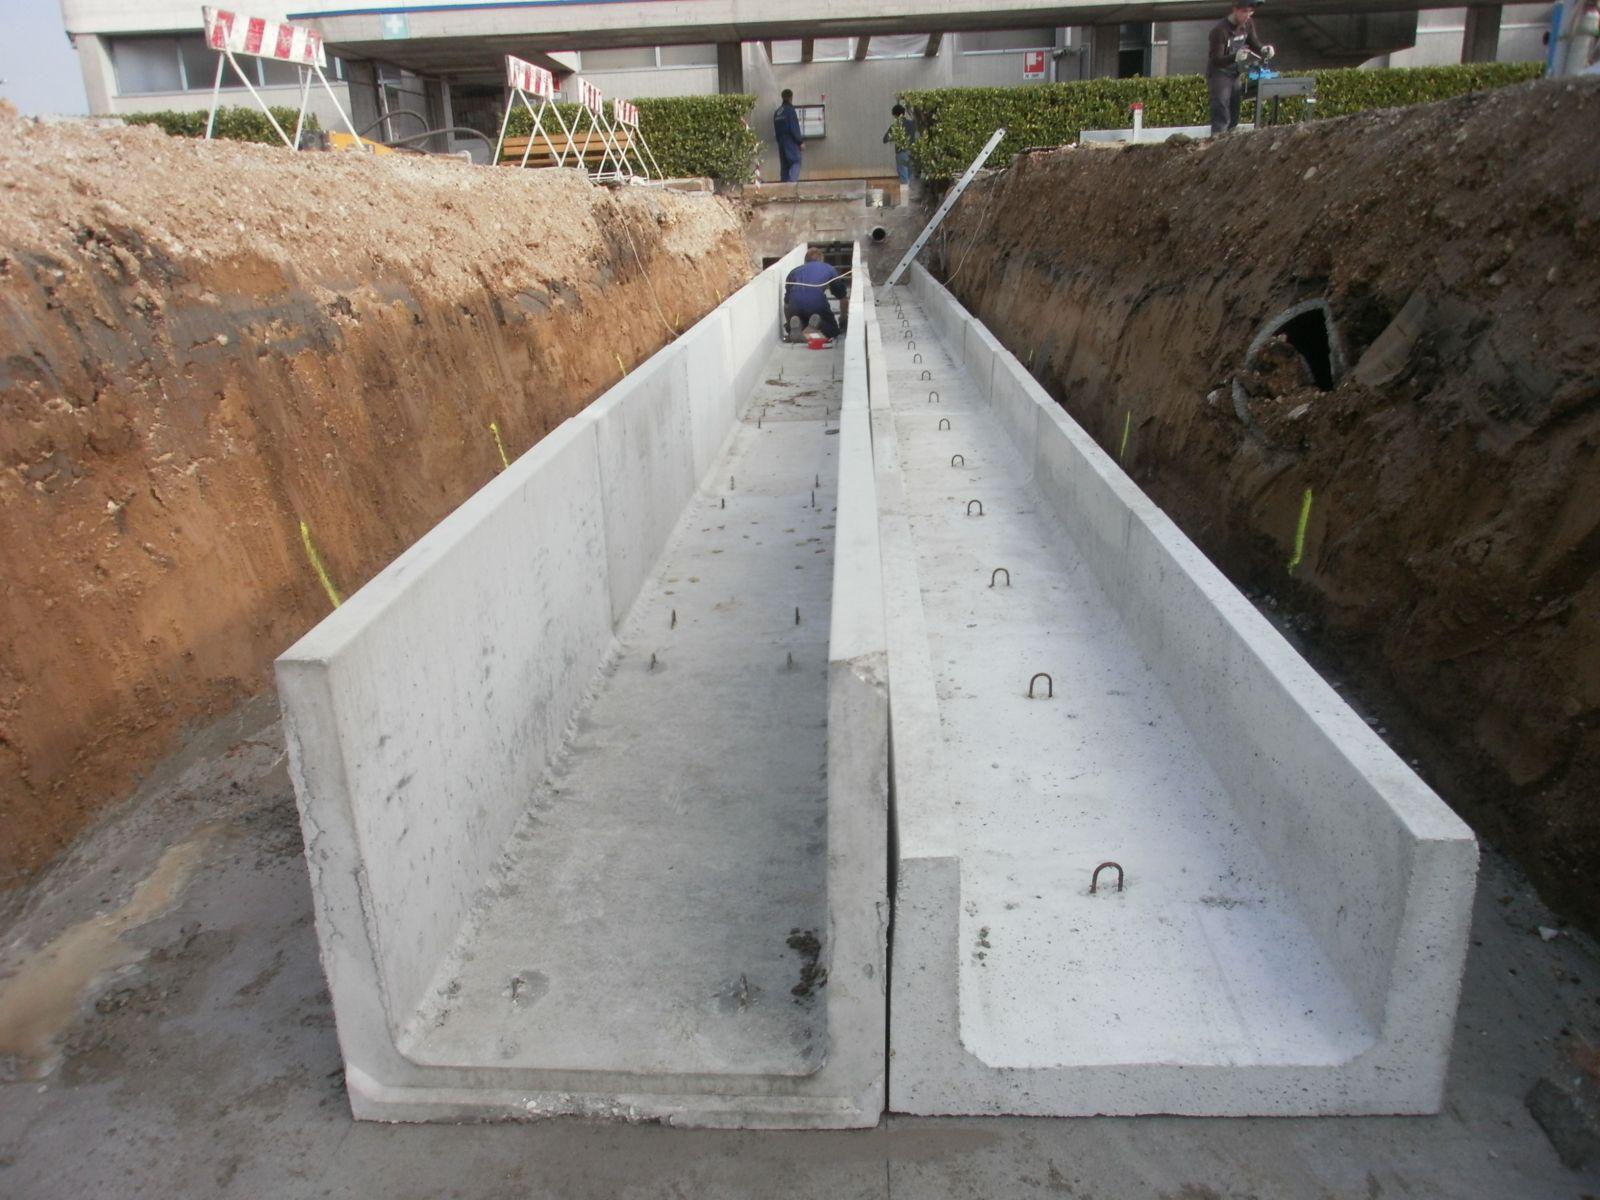 cantiere Laverda Marostica - Canali tecnici - canalizzazioni-a-cielo-aperto-